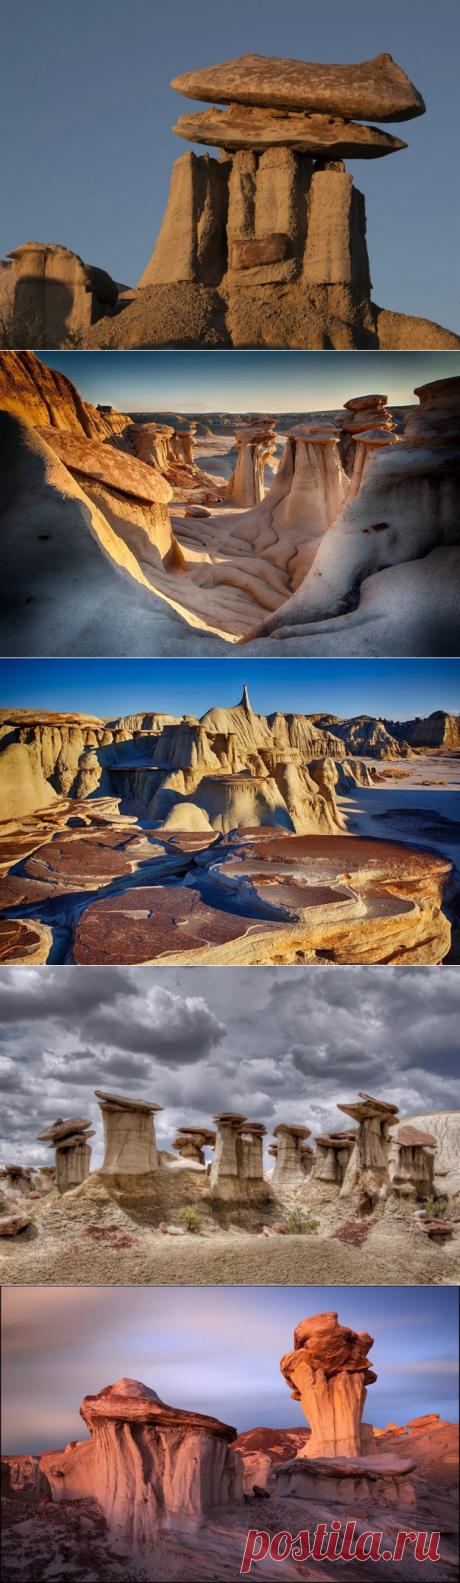 А-Ши-Сле-Па: отдалённый природный заповедник в Нью-Мексико